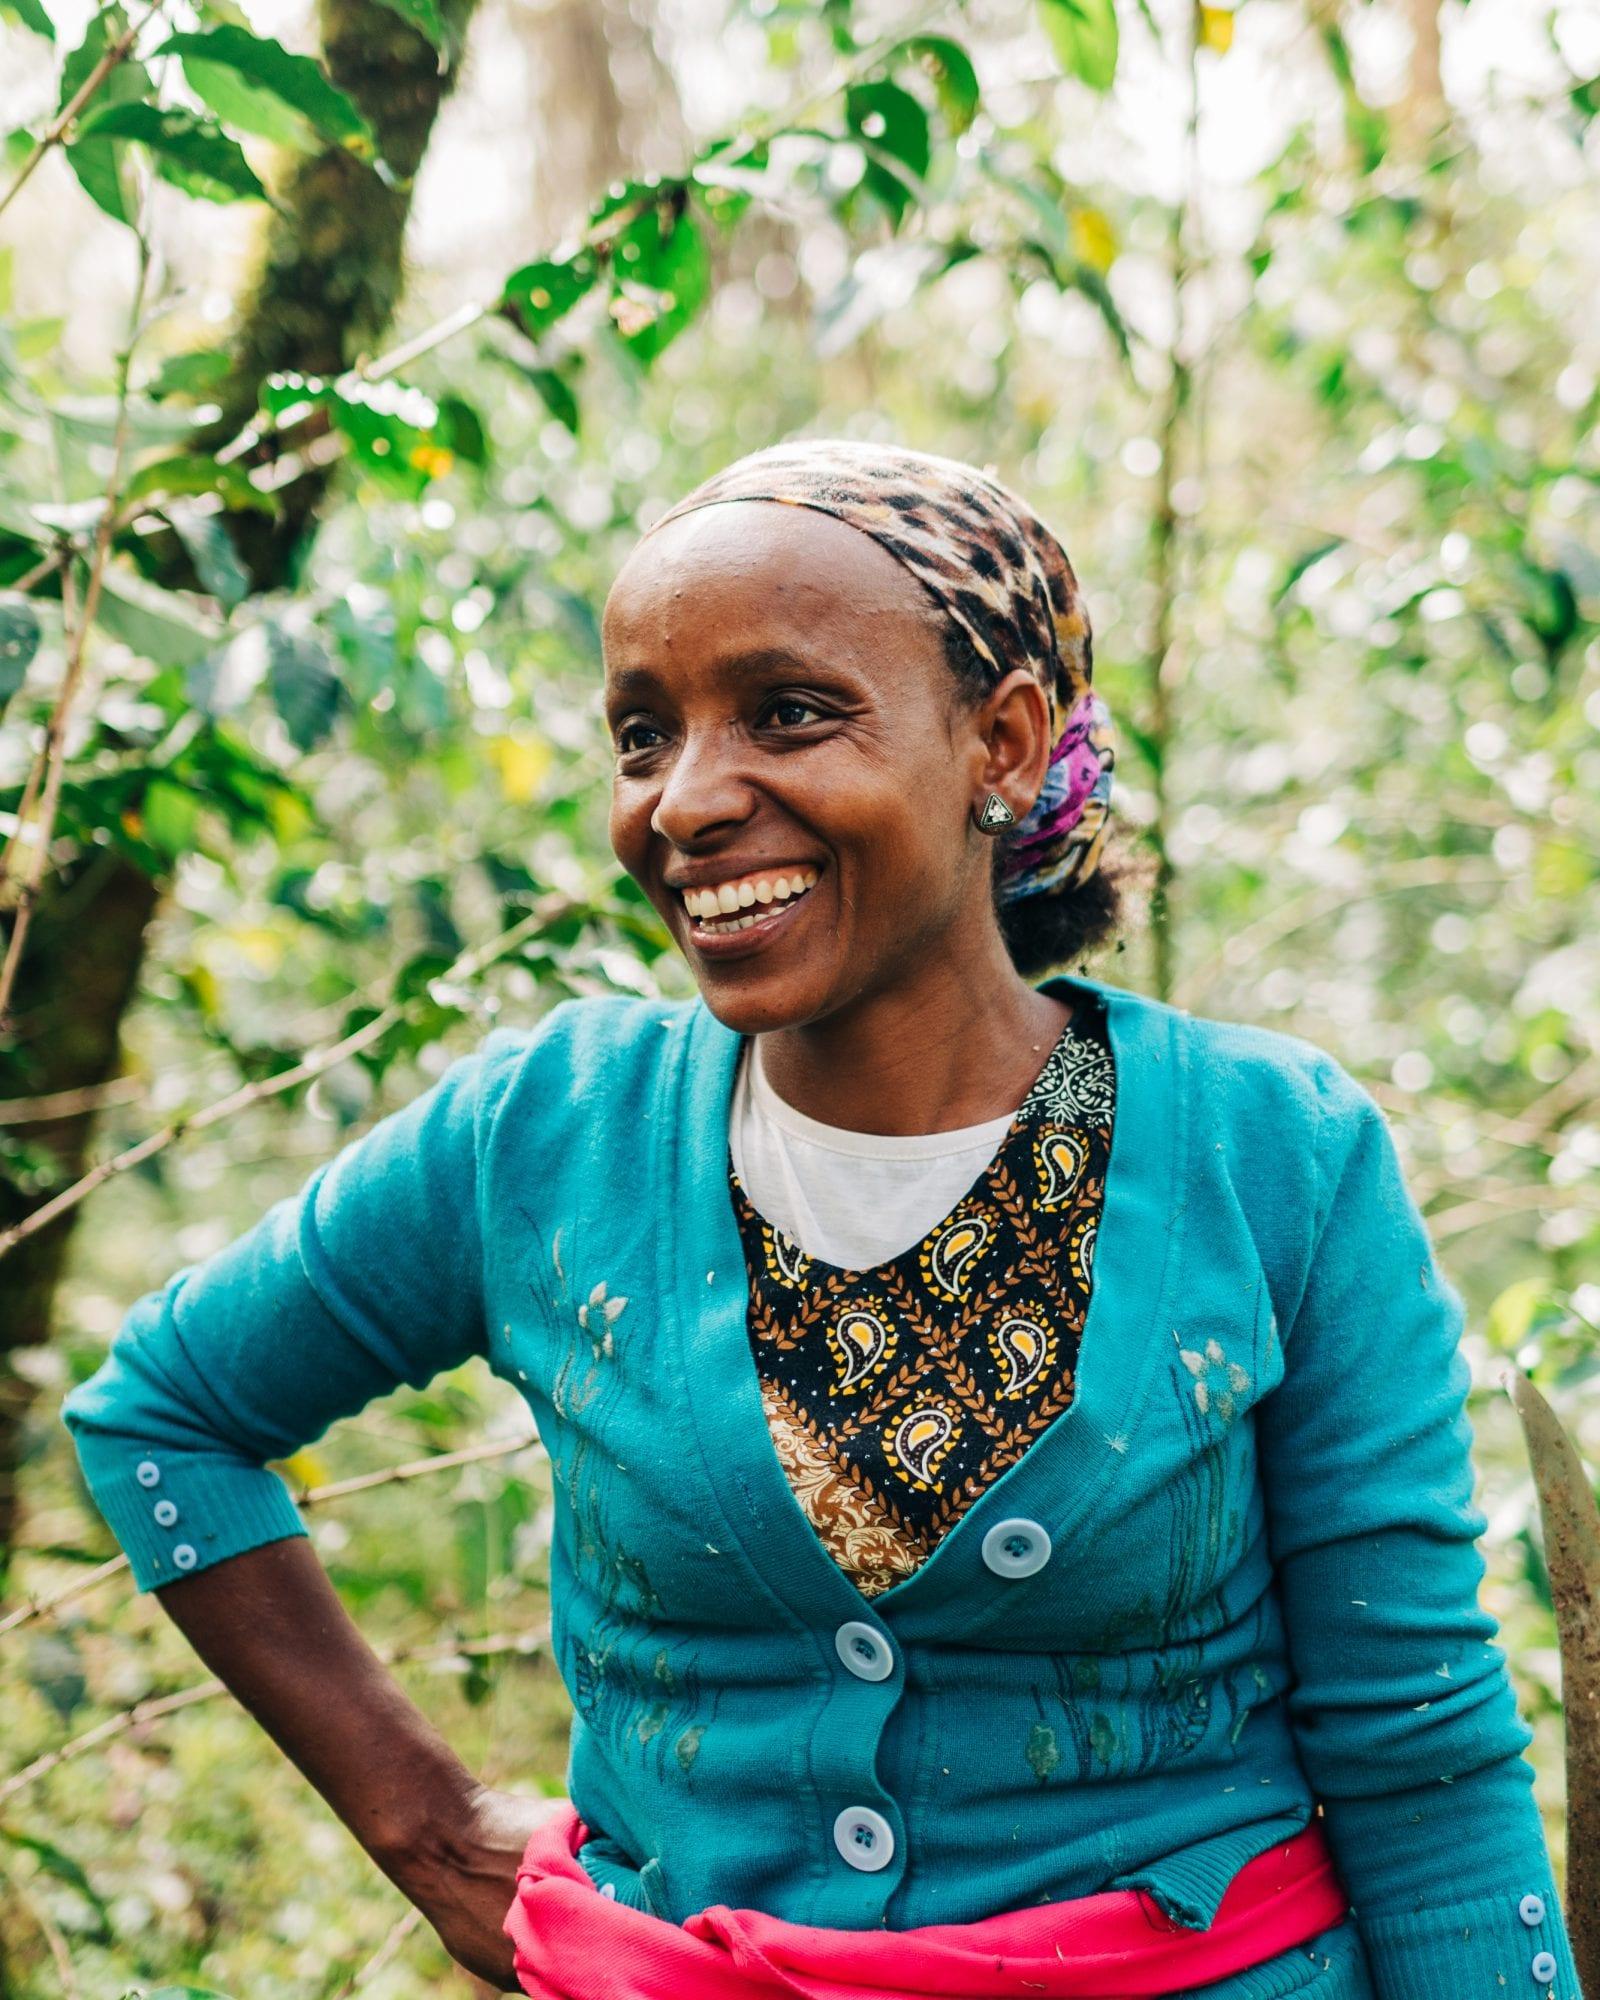 Lubaba is a coffee farmer in western Ethiopia